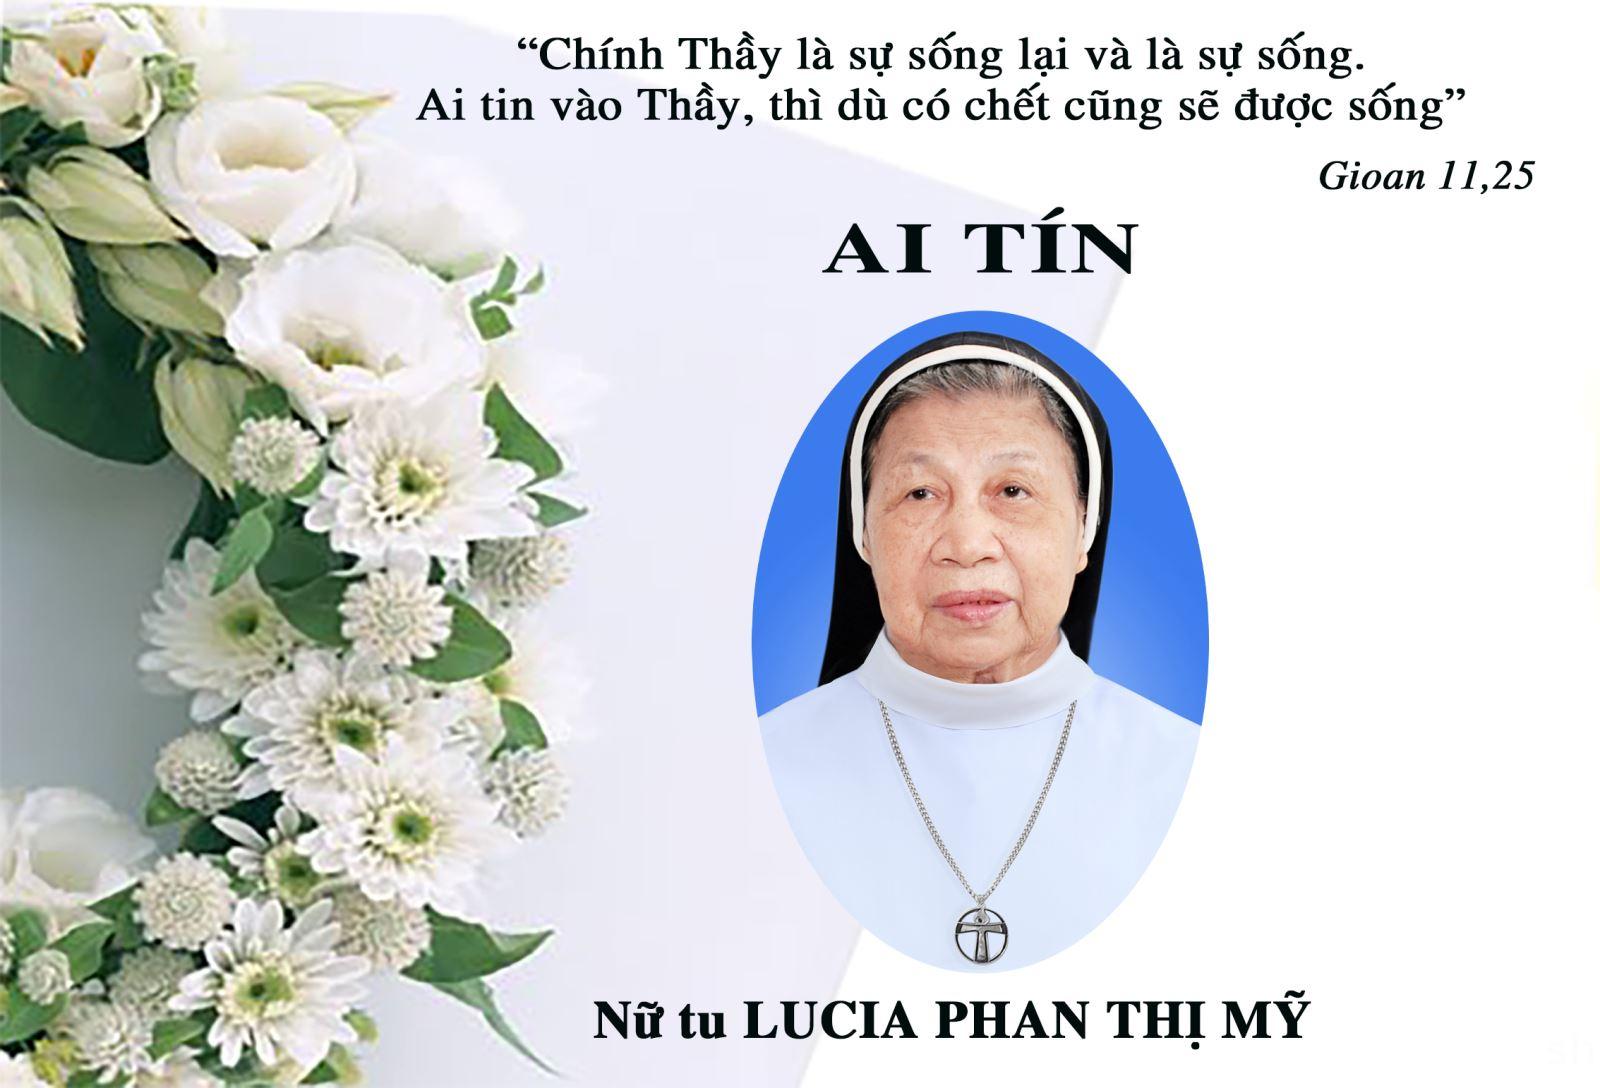 AI TÍN: Nữ tu LUCIA PHAN THỊ MỸ, Dòng Đa Minh Thánh Tâm, qua đời